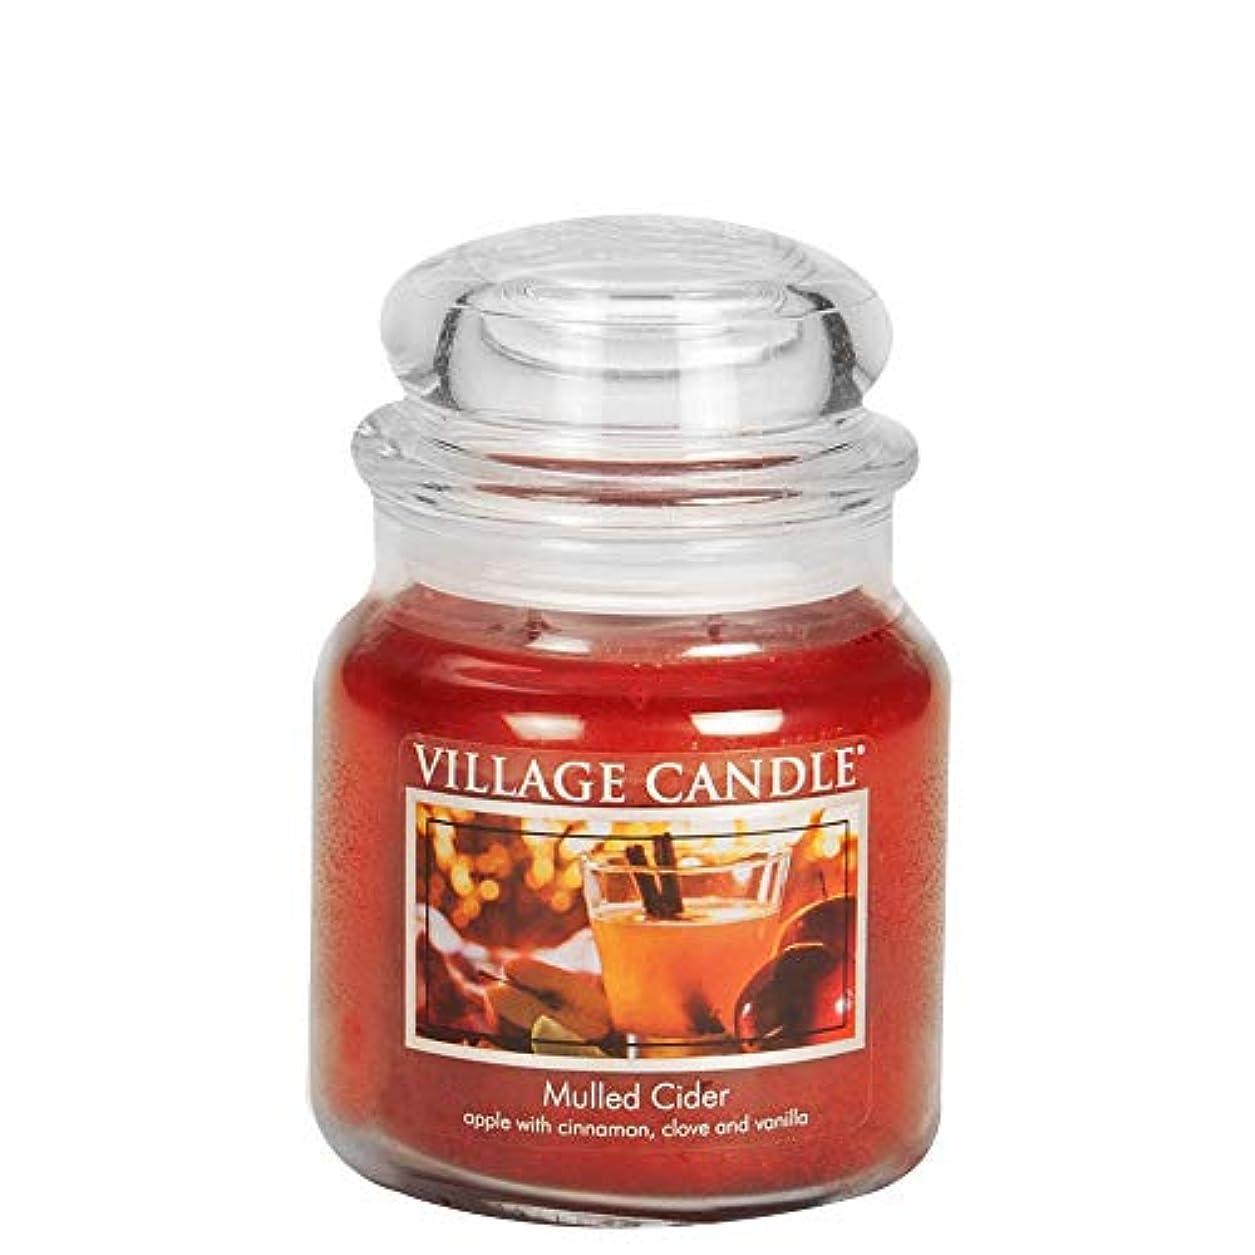 セメント主に家事(Medium (470ml)) - Village Candle Mulled Cider Jar Candle, 470ml Jar